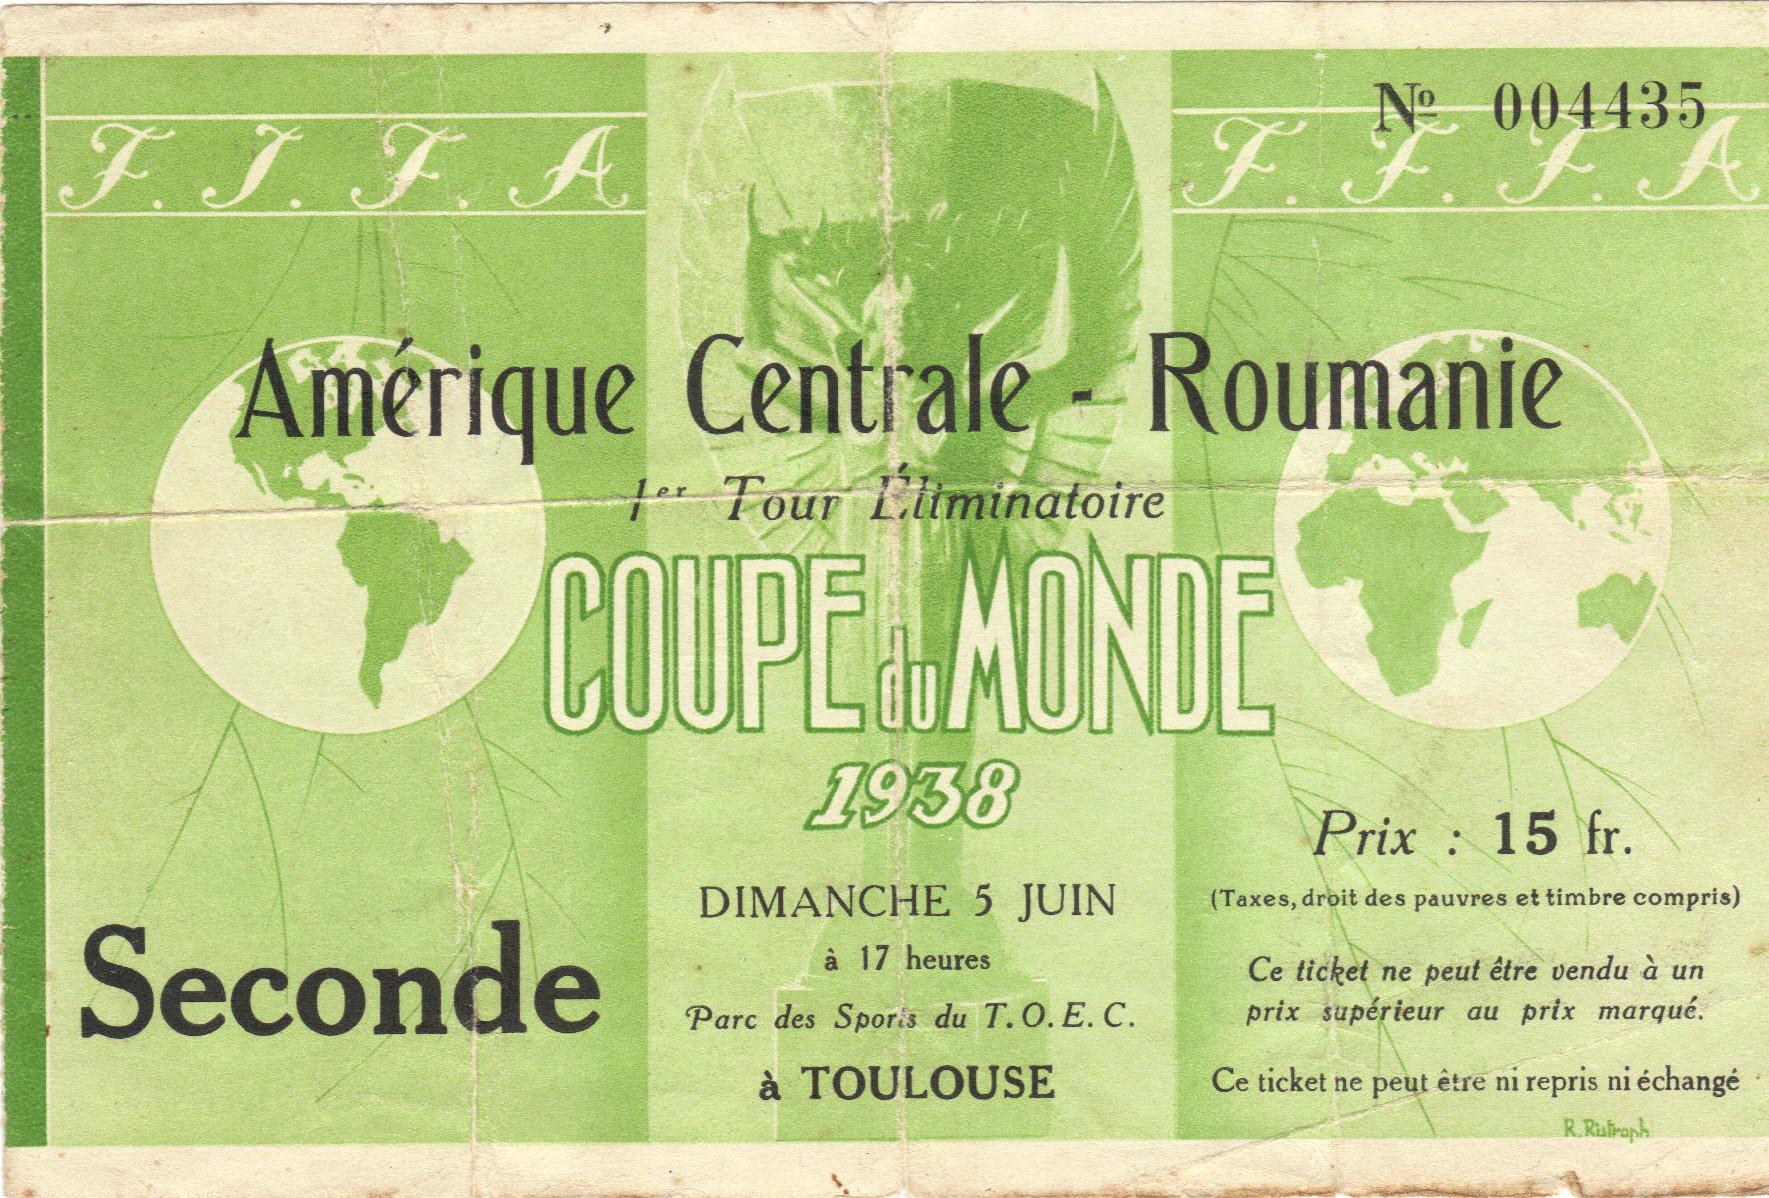 1/8 de Finale Ameriques centrale (Cuba) - Roumanie (France 1938)